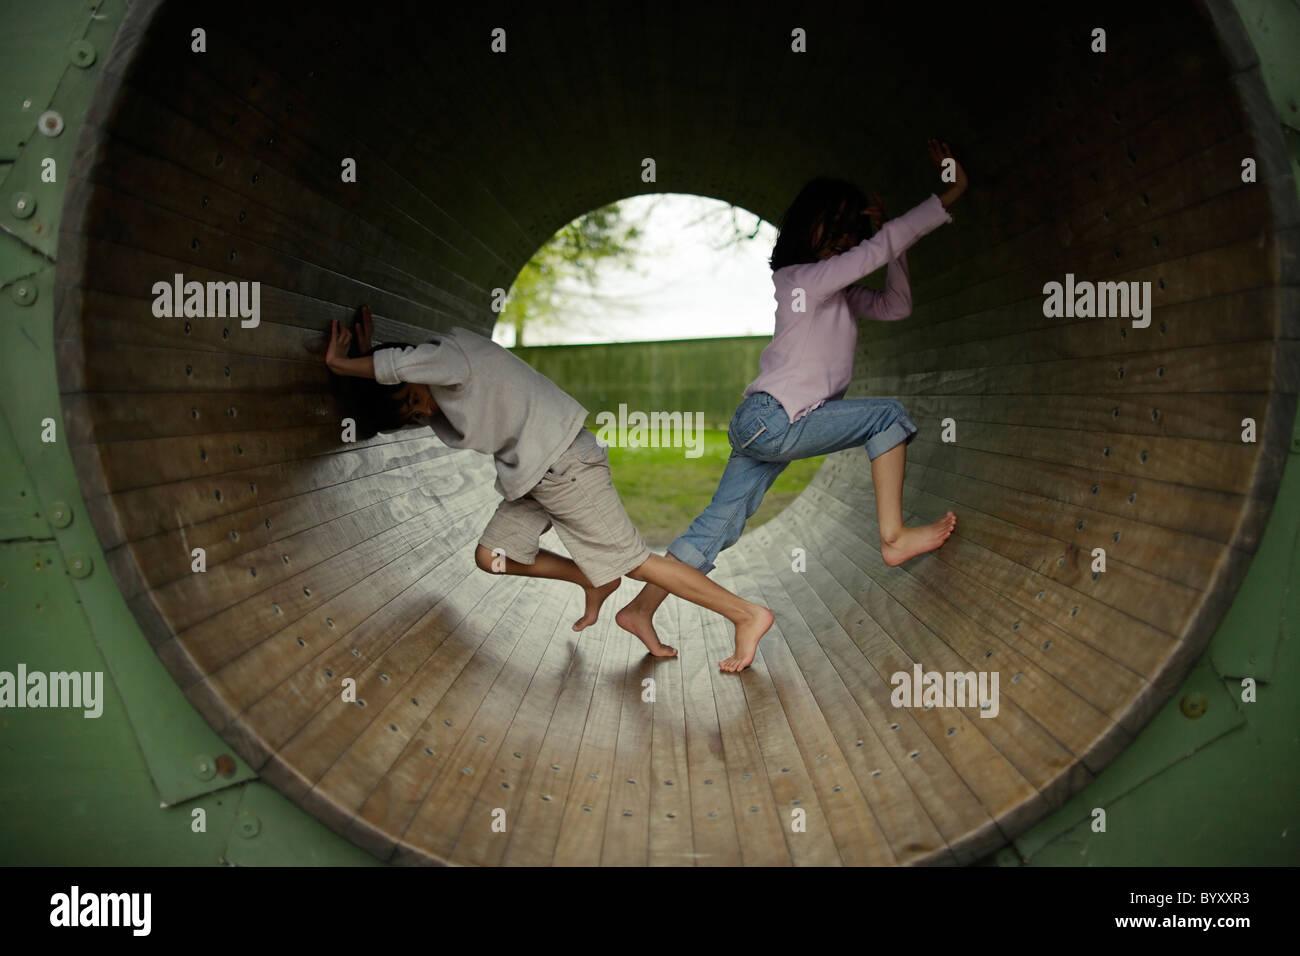 Nicht Teamarbeit. Jungen und Mädchen versuchen, Spielplatz Hamsterrad in entgegengesetzte Richtungen drehen. Stockbild